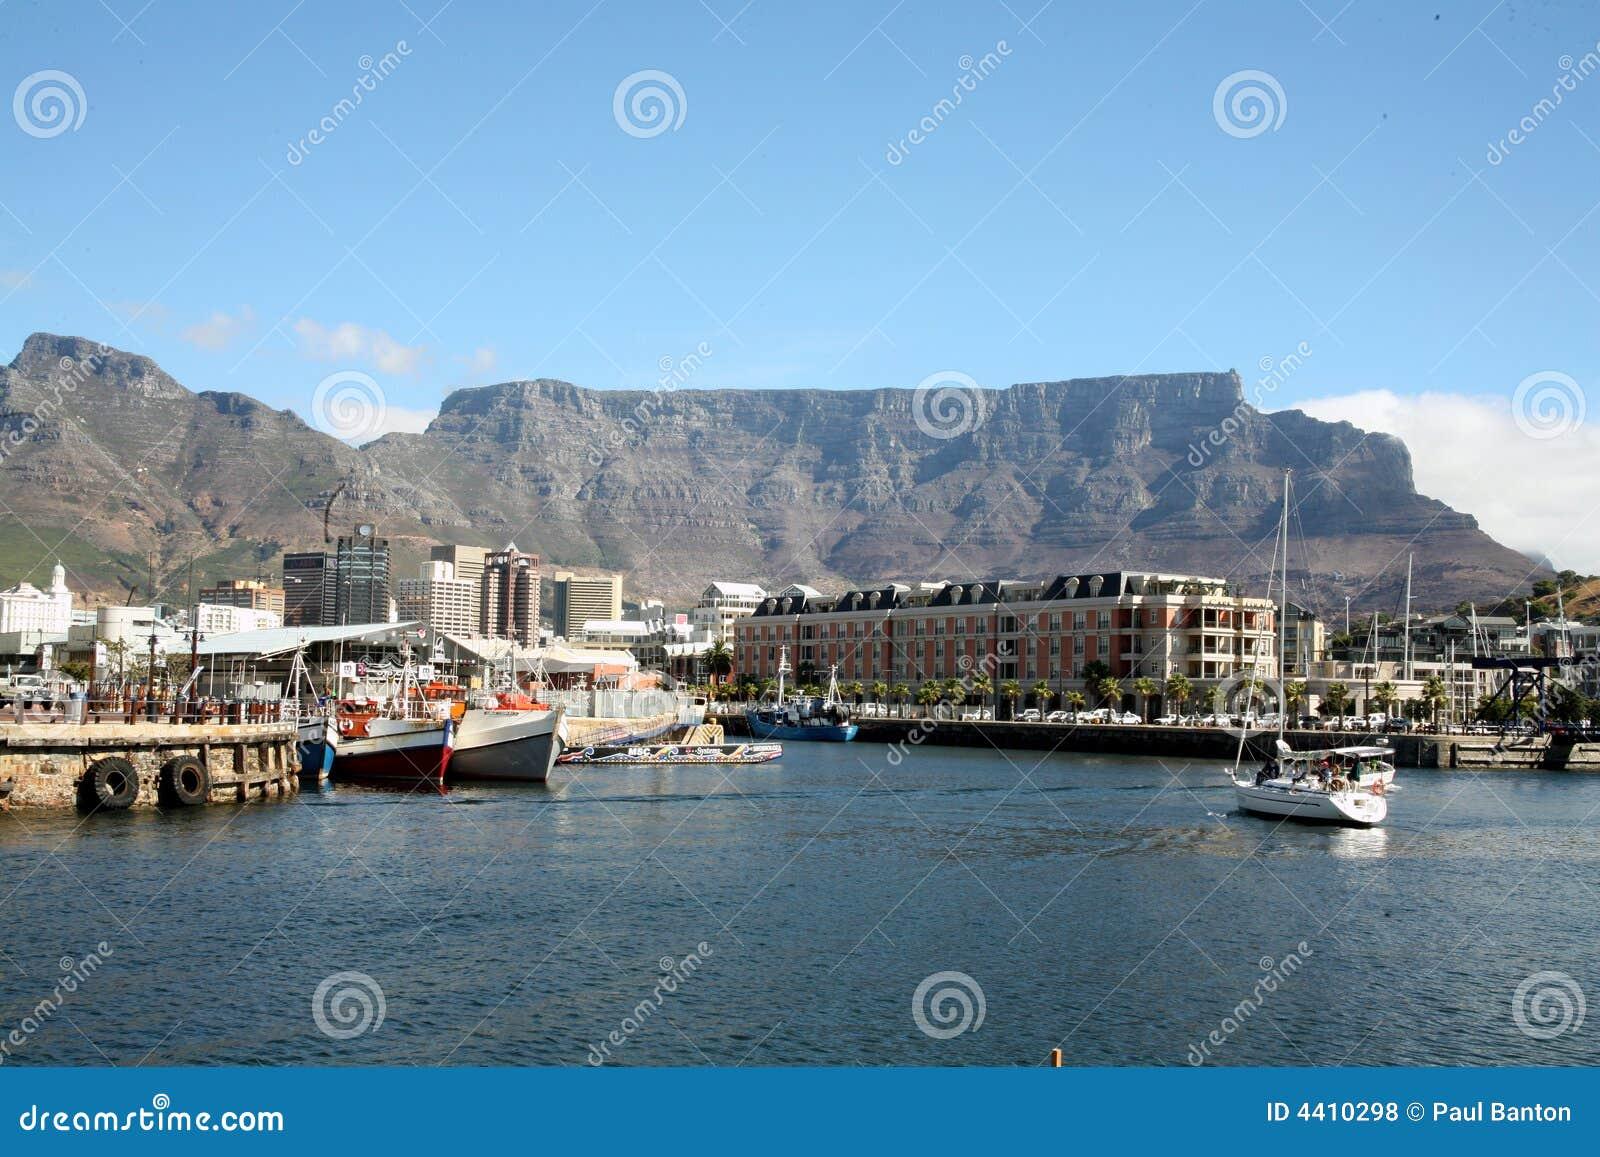 Cape Town Harbour